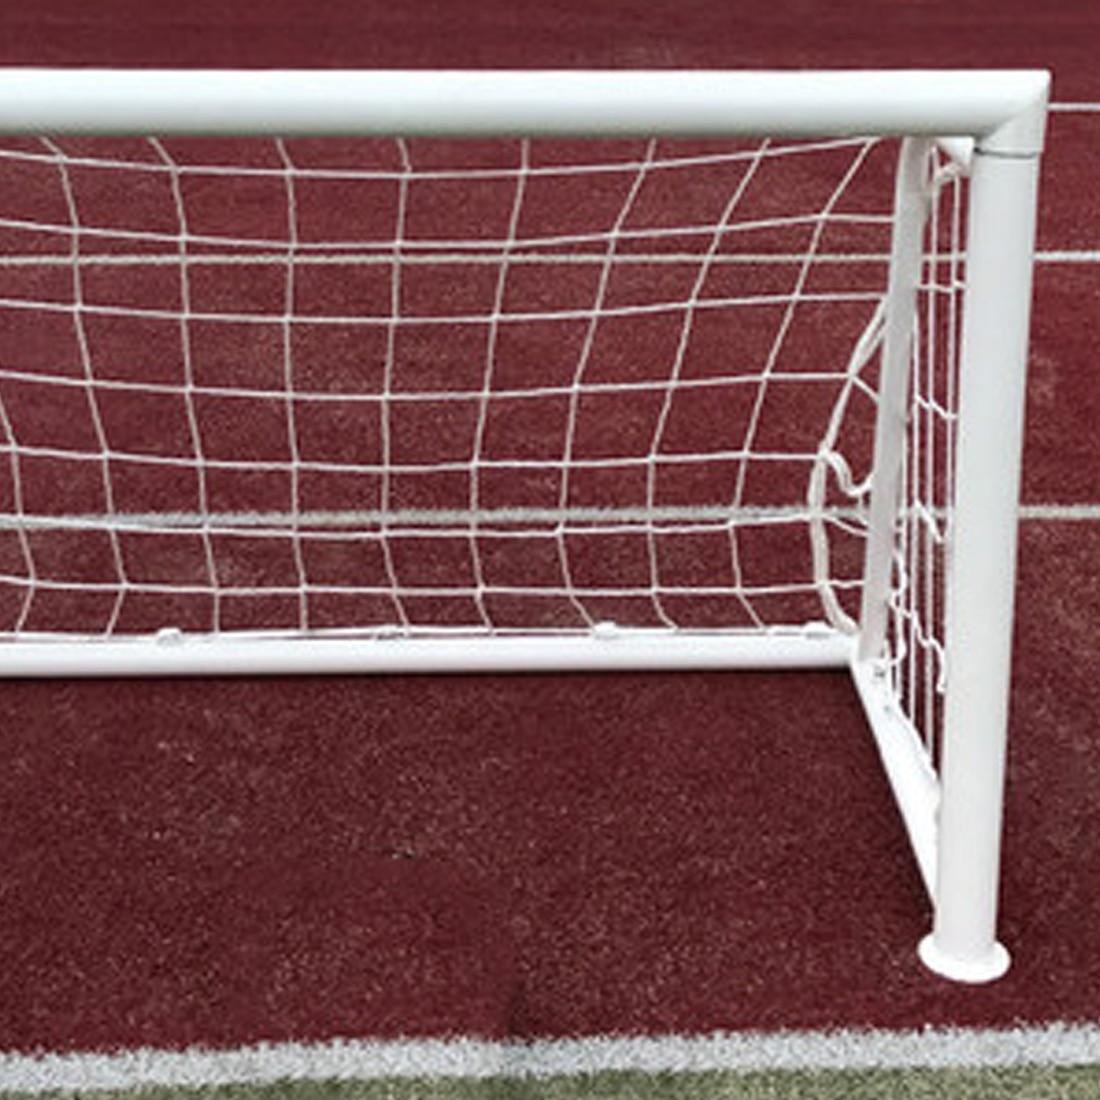 Soccer Ball Goal Net Football Nets Polypropylene Mesh For Gates Training Post Nets Full Size Nets 1.8m X 1.2m